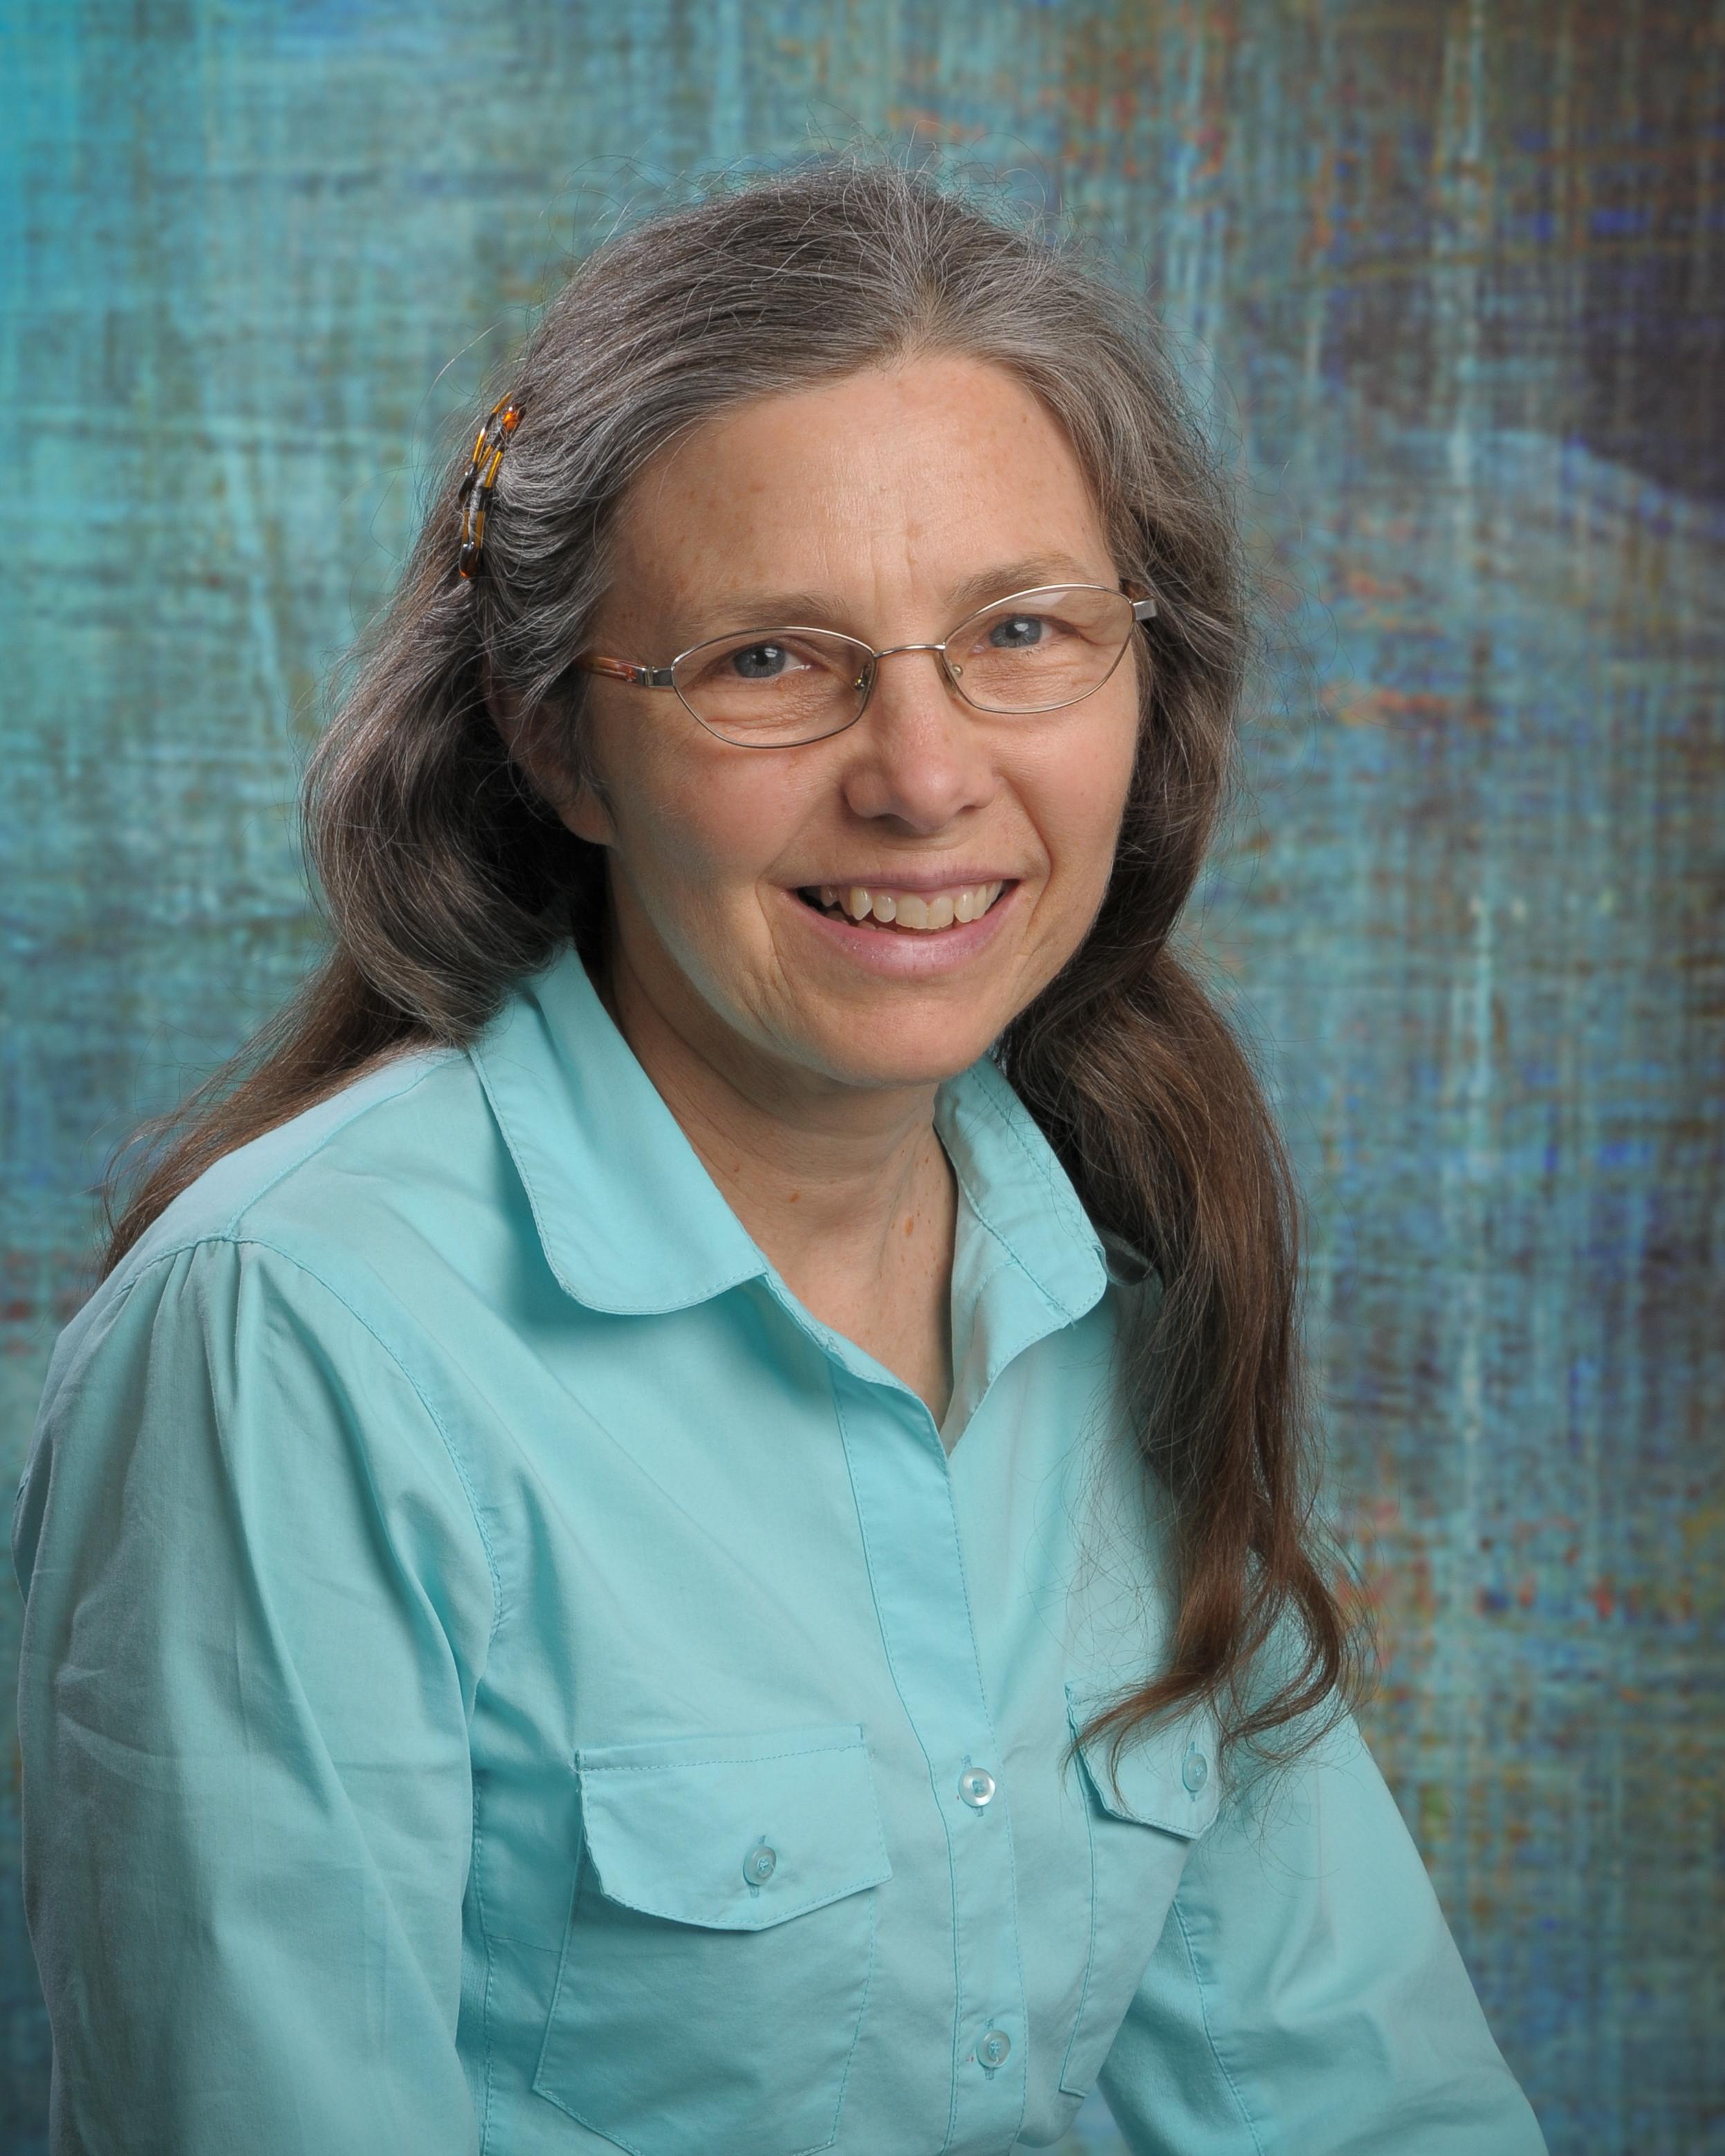 Maureen Brown Lansaw